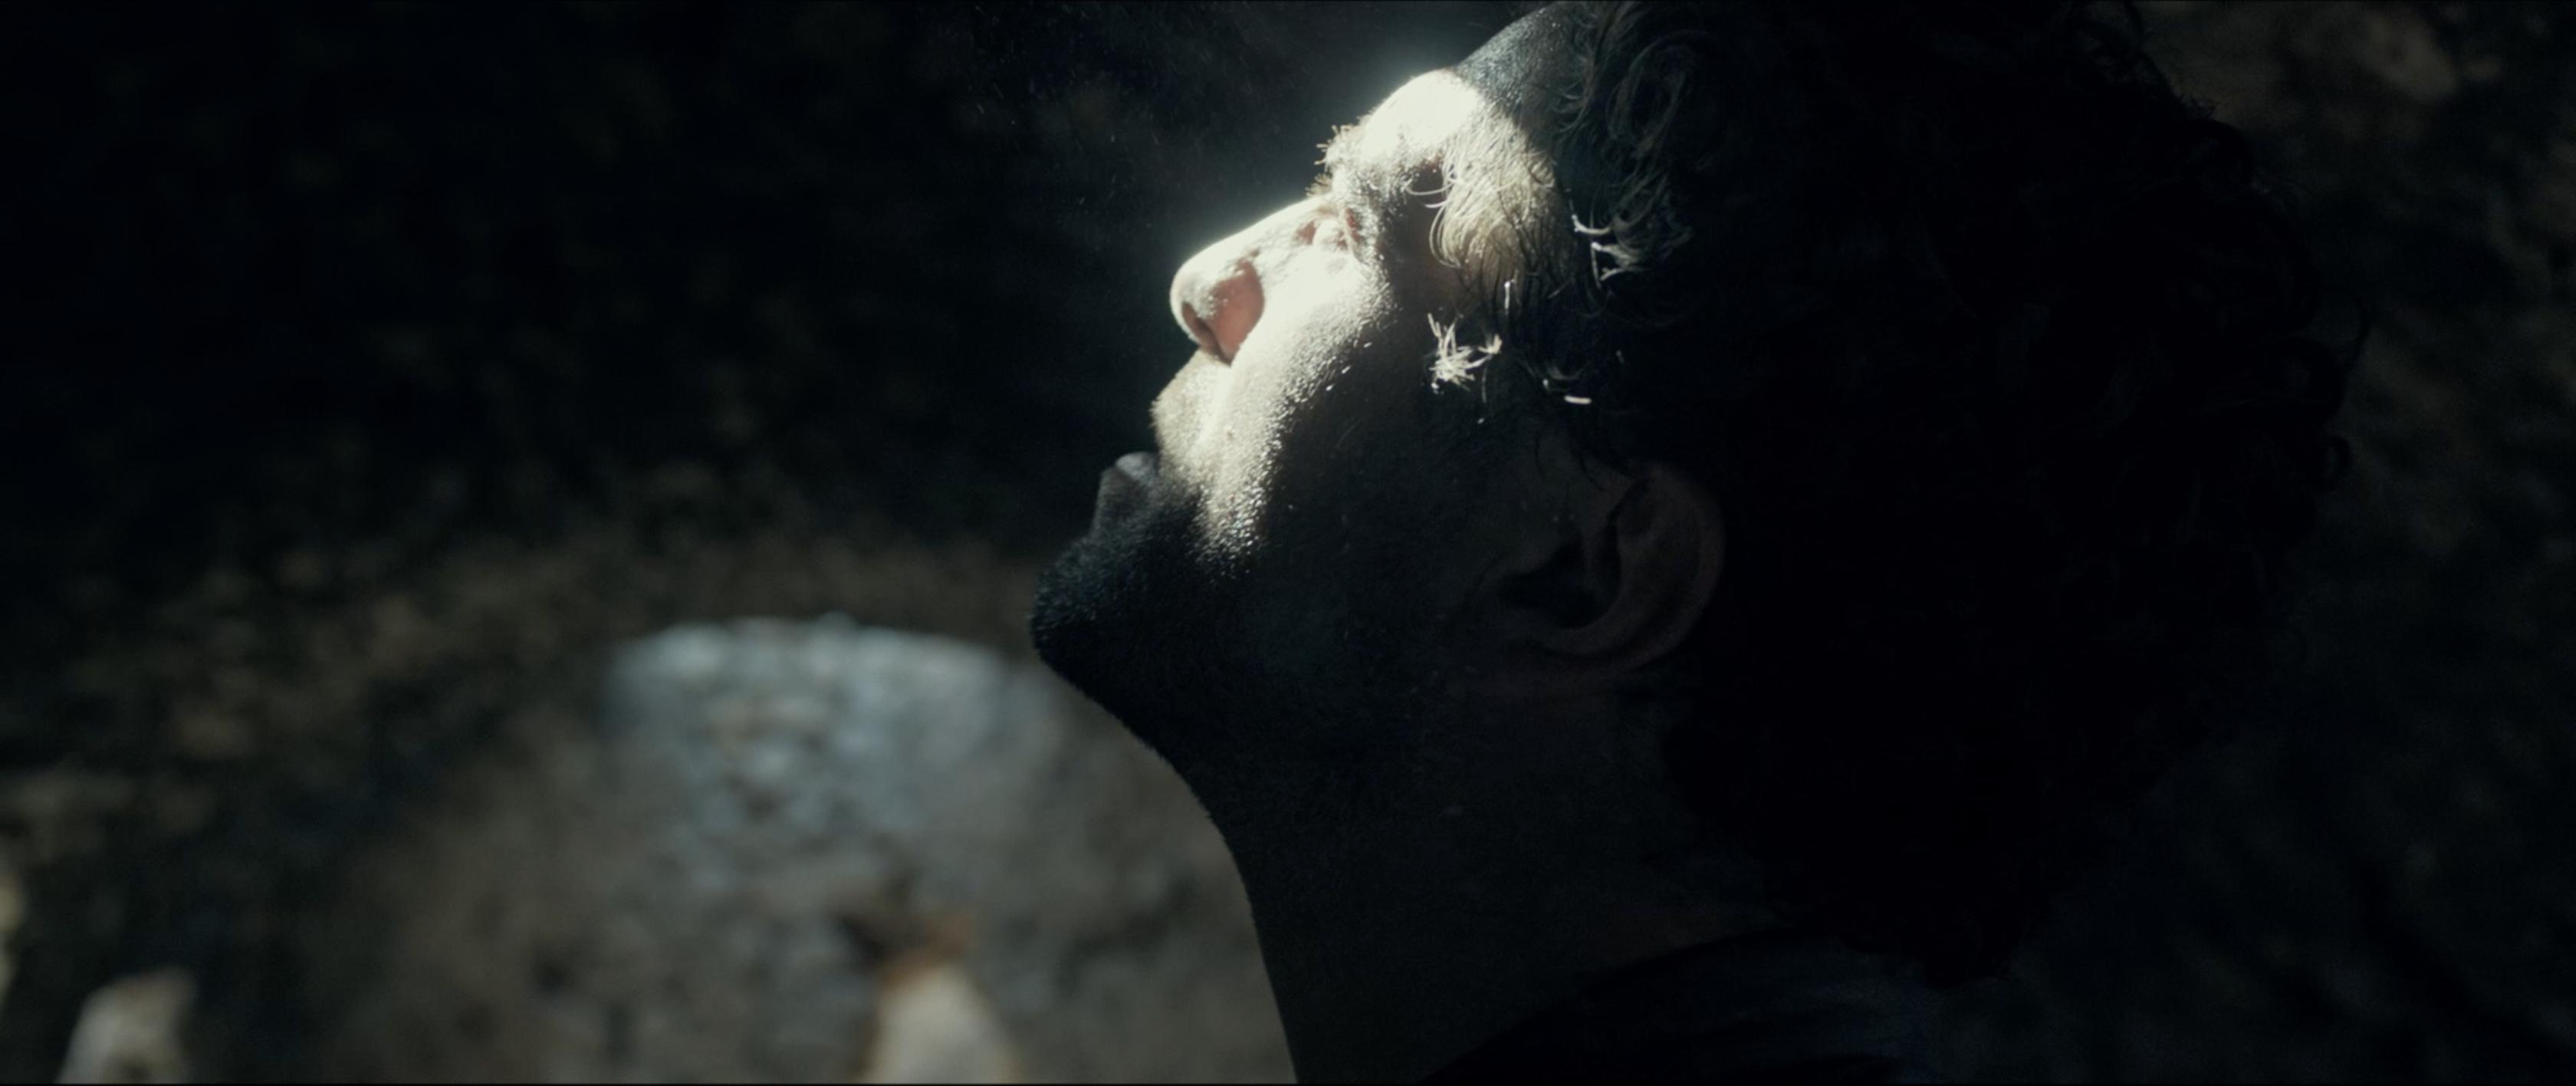 Nuno Lopes in Menina (2017)